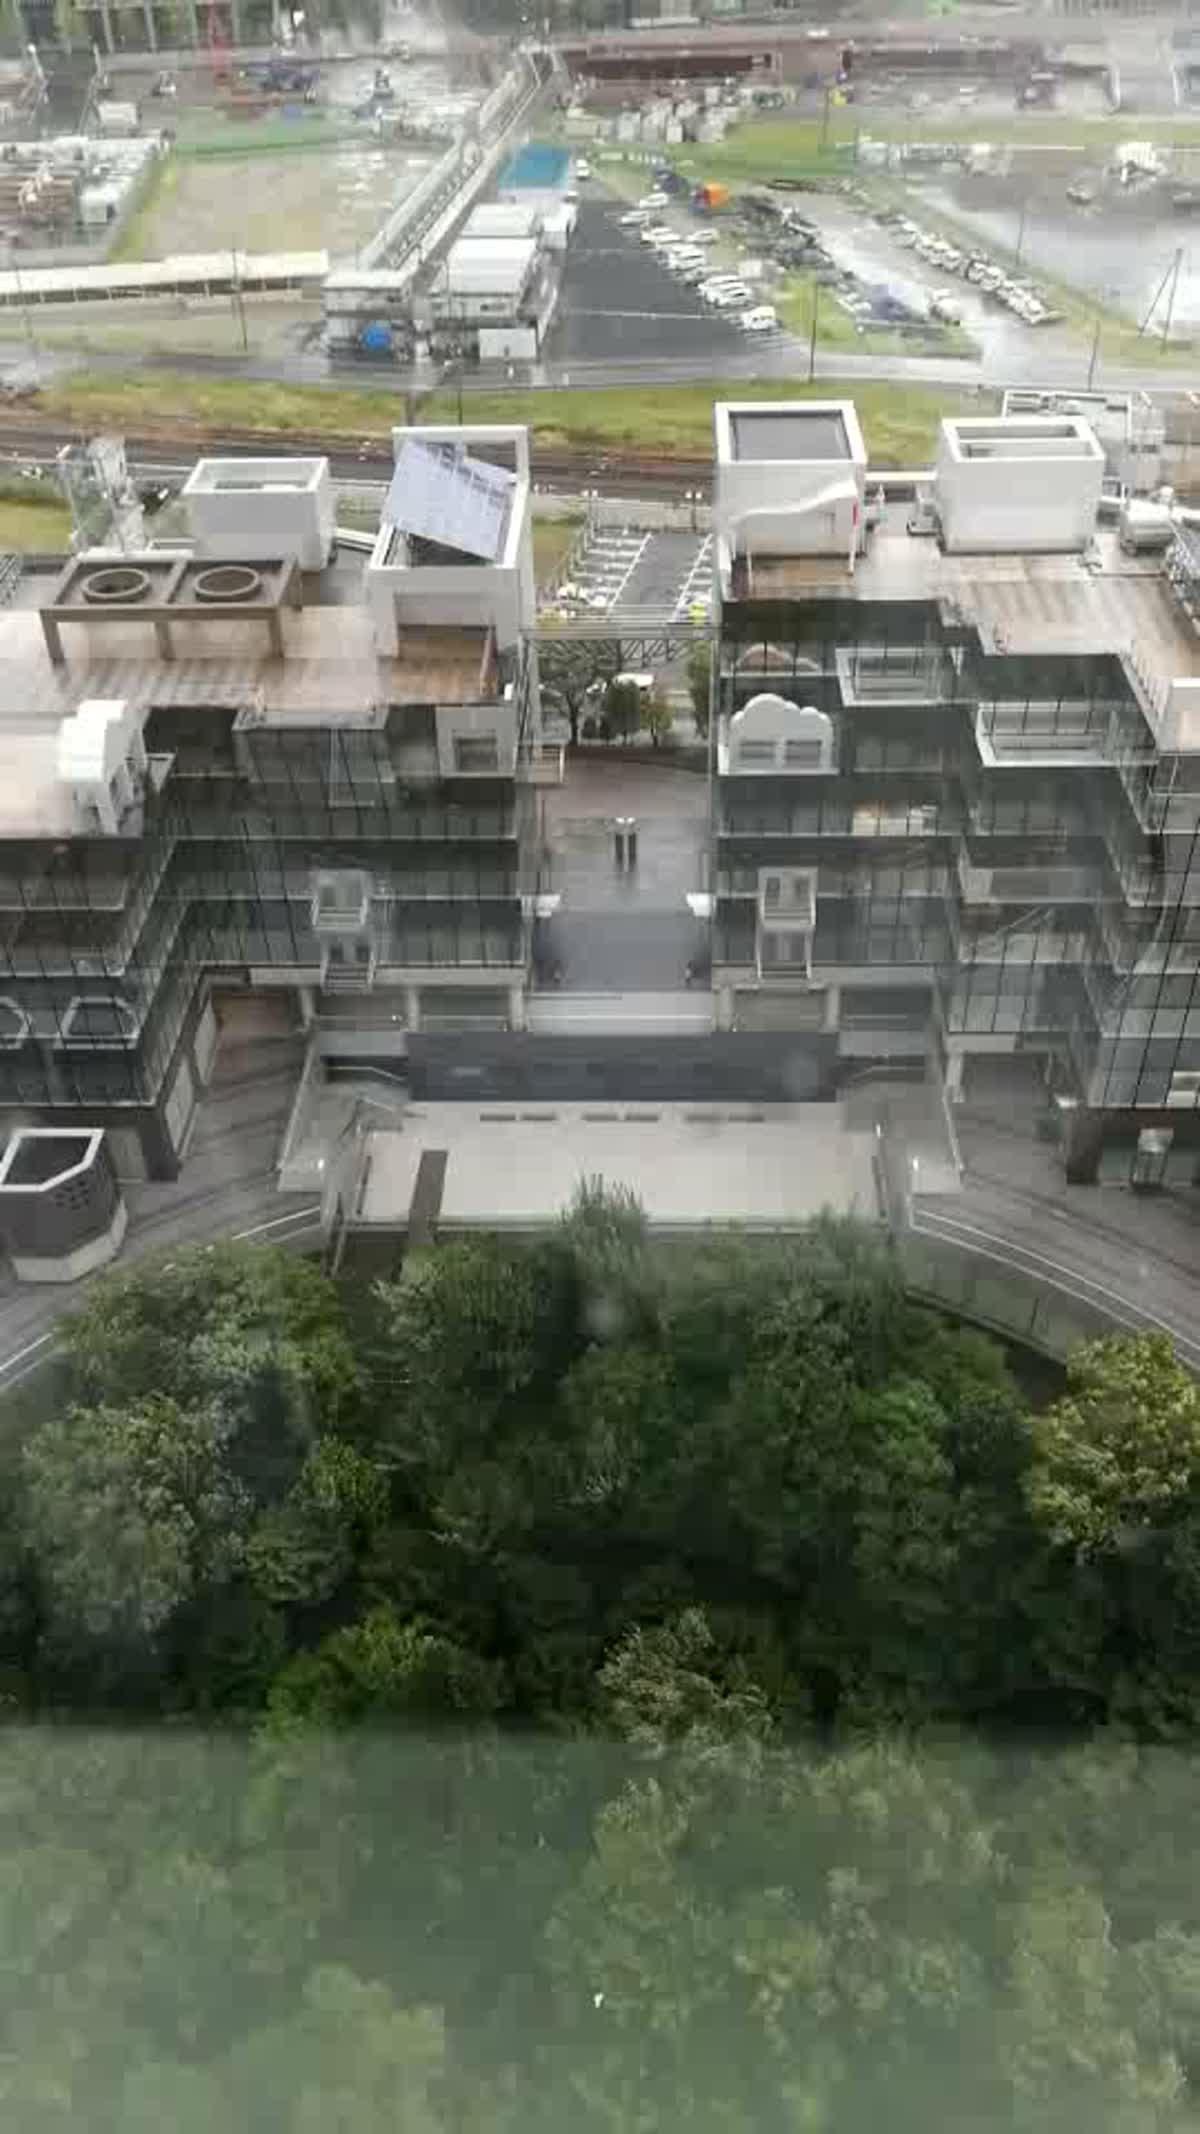 เกิดเหตุแผ่นดินไหวขนาด 6.7 นอกชายฝั่งญี่ปุ่น